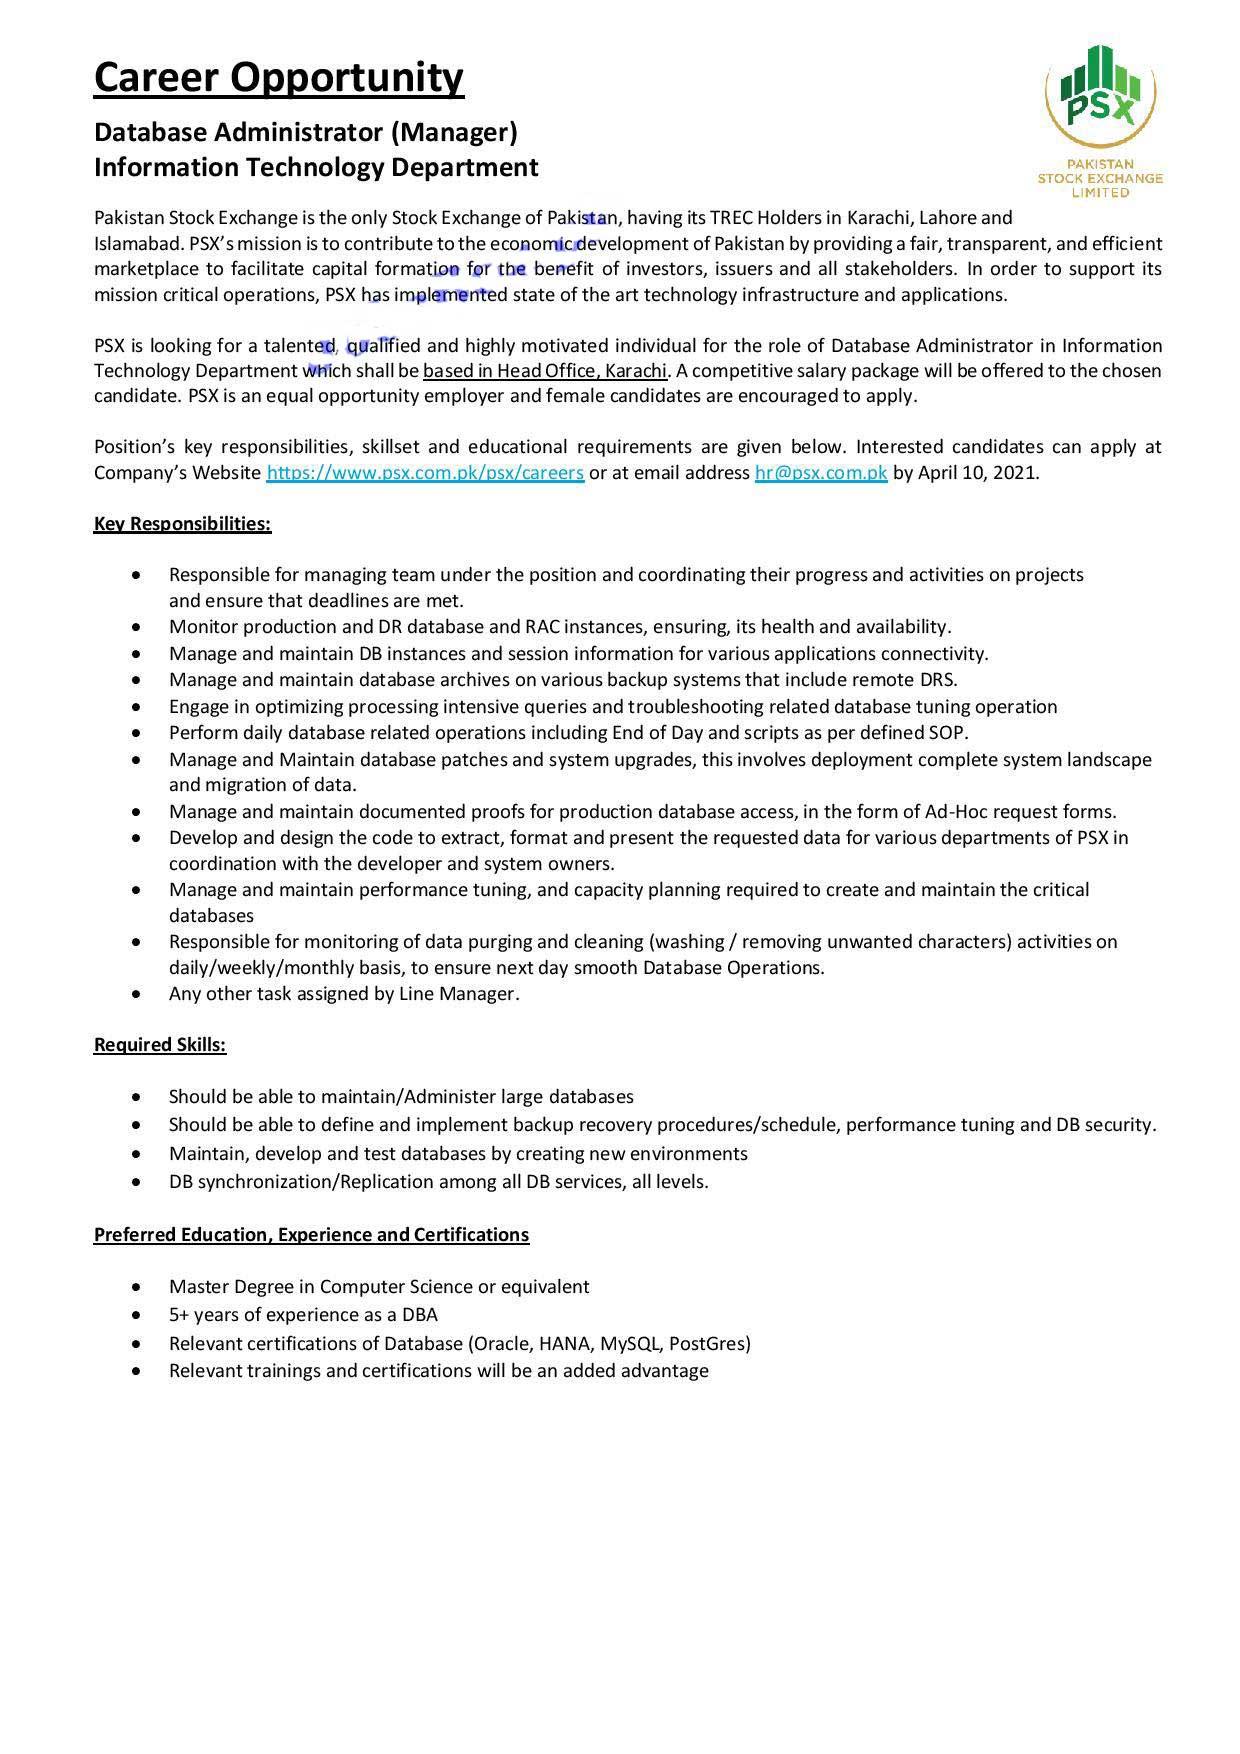 Pakistan Stock Exchange PSX Jobs 2021 - Apply Online - Latest Jobs in Pakistan Stock Exchange PSX 2021 Advertisement